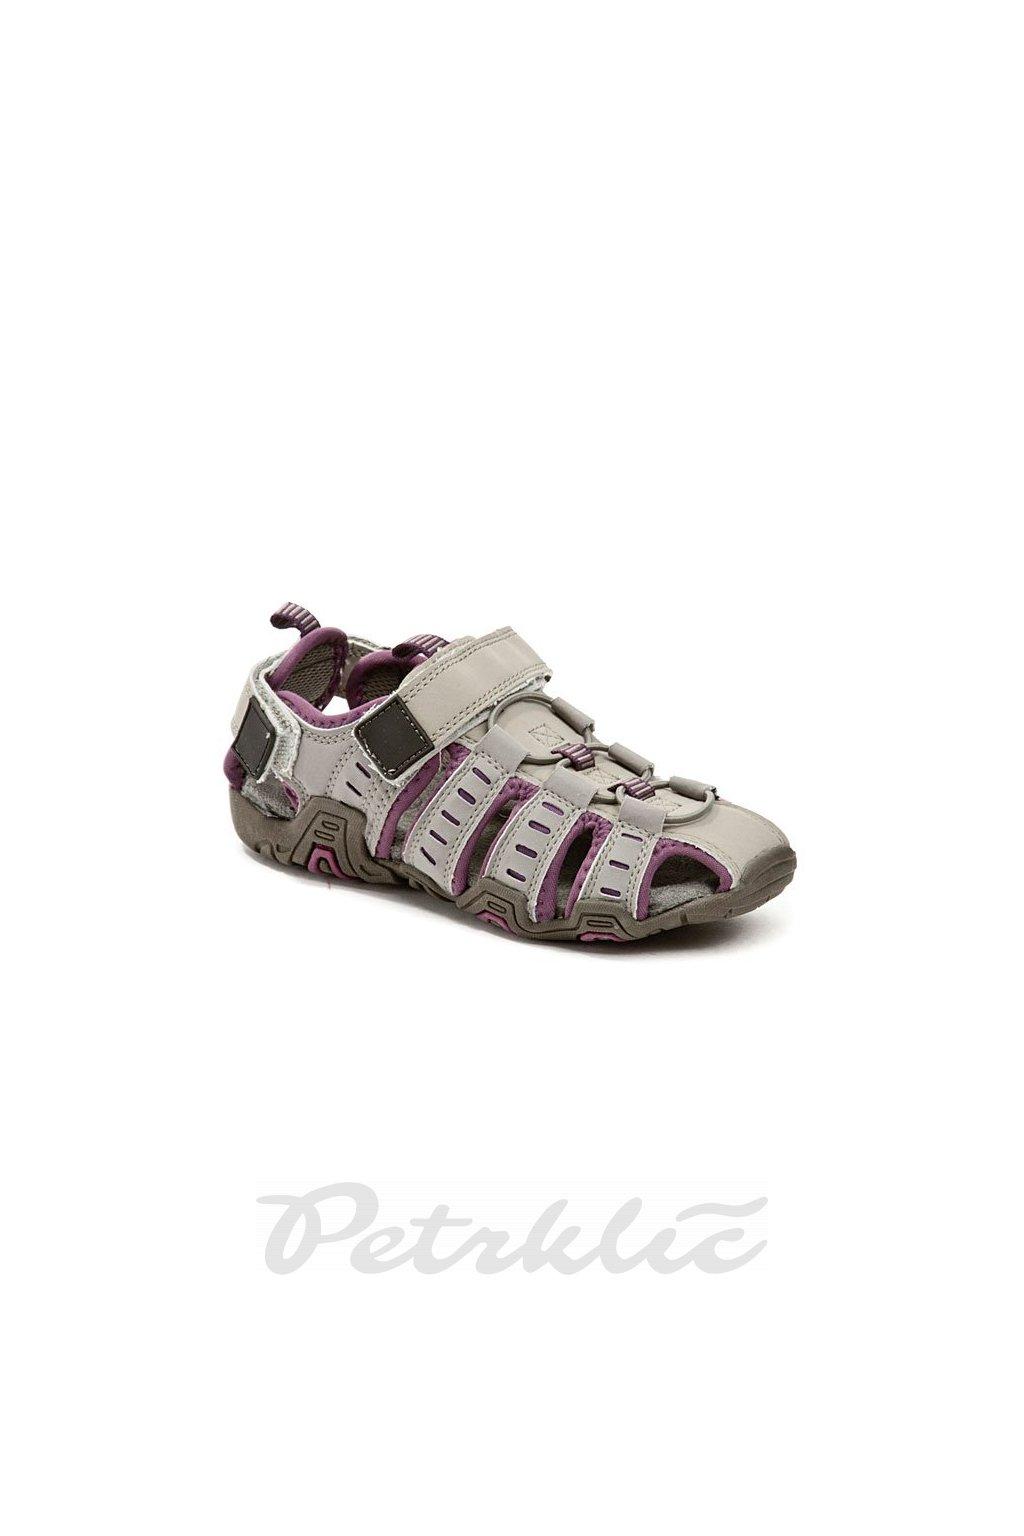 Juju Bee J0619e21 šedé dětské sandály